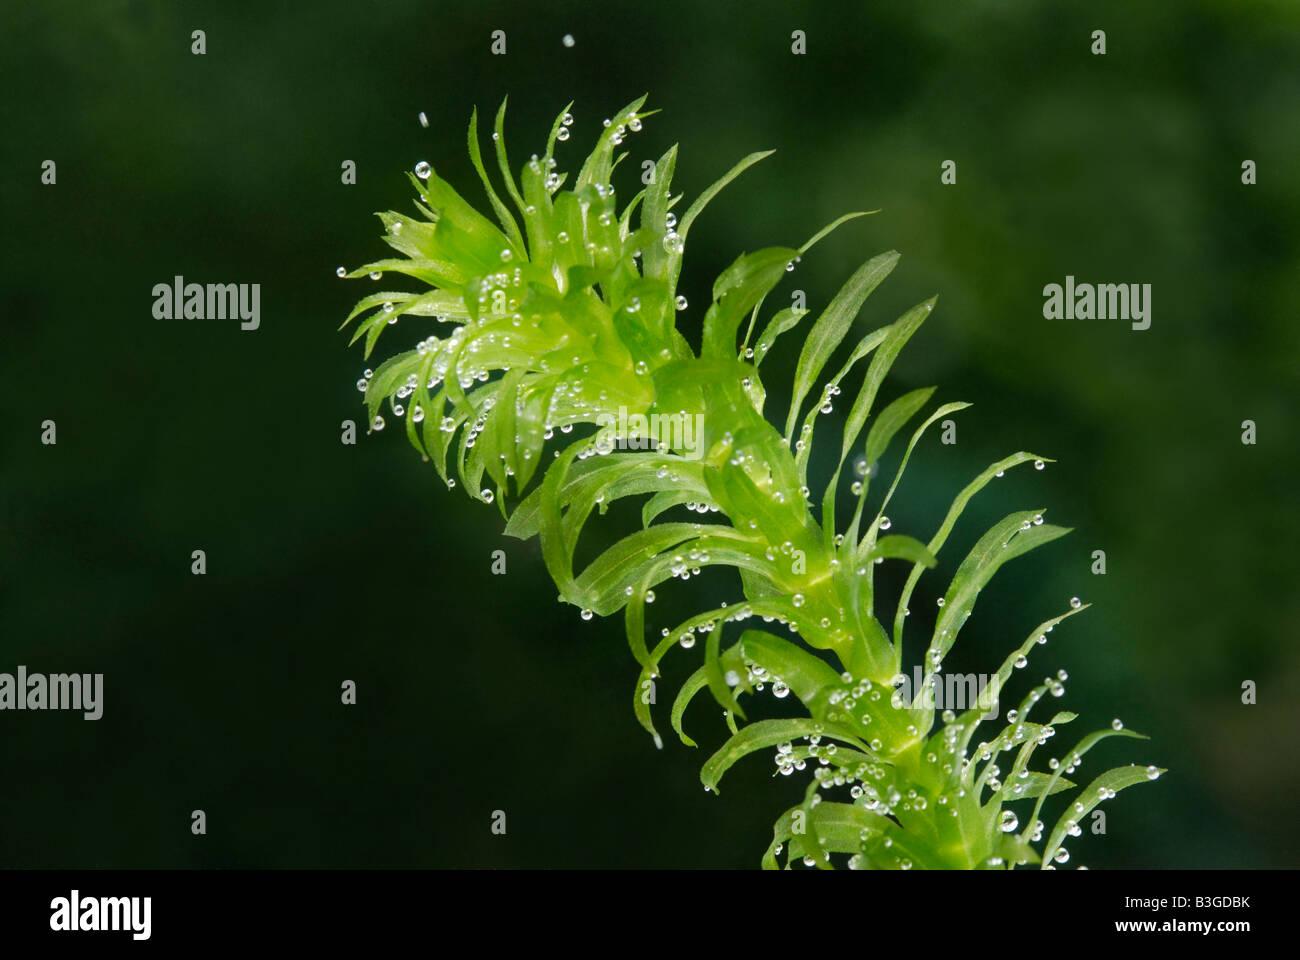 Branche de la plante aquatique Elodea, lutte contre les mauvaises herbes étang produisant de l'oxygène Photo Stock